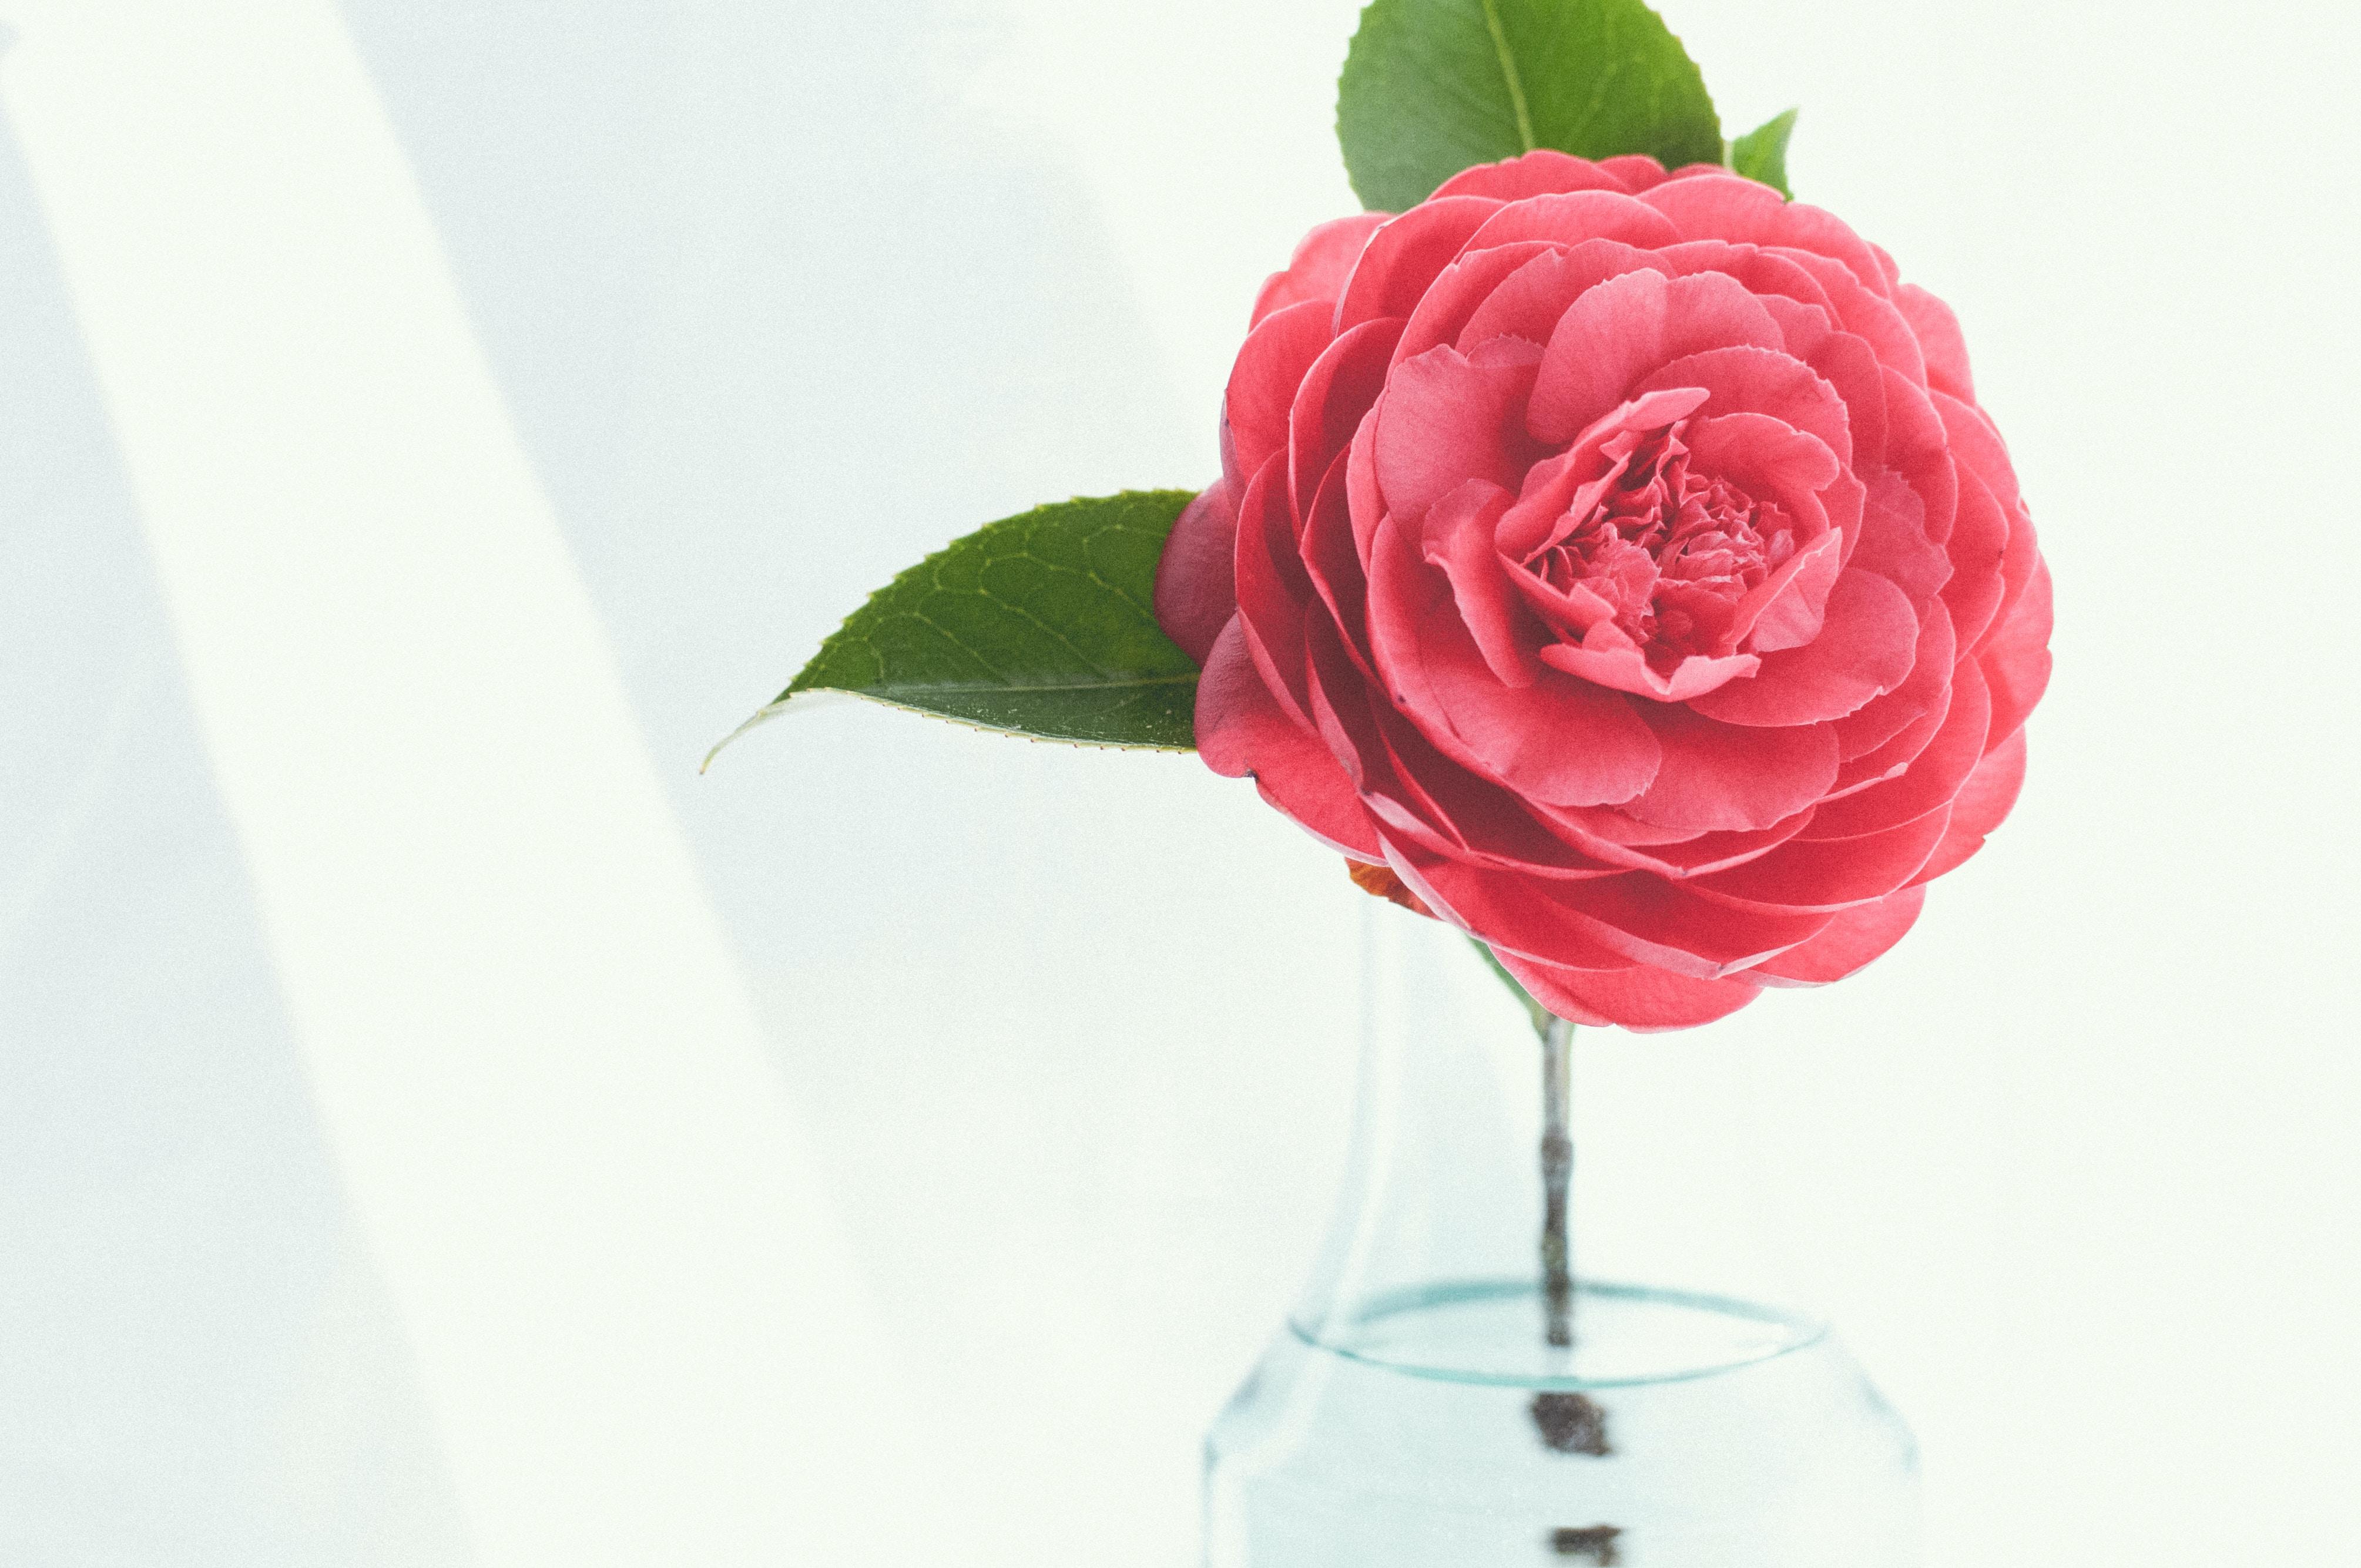 pink petaled flower on clear glass vase